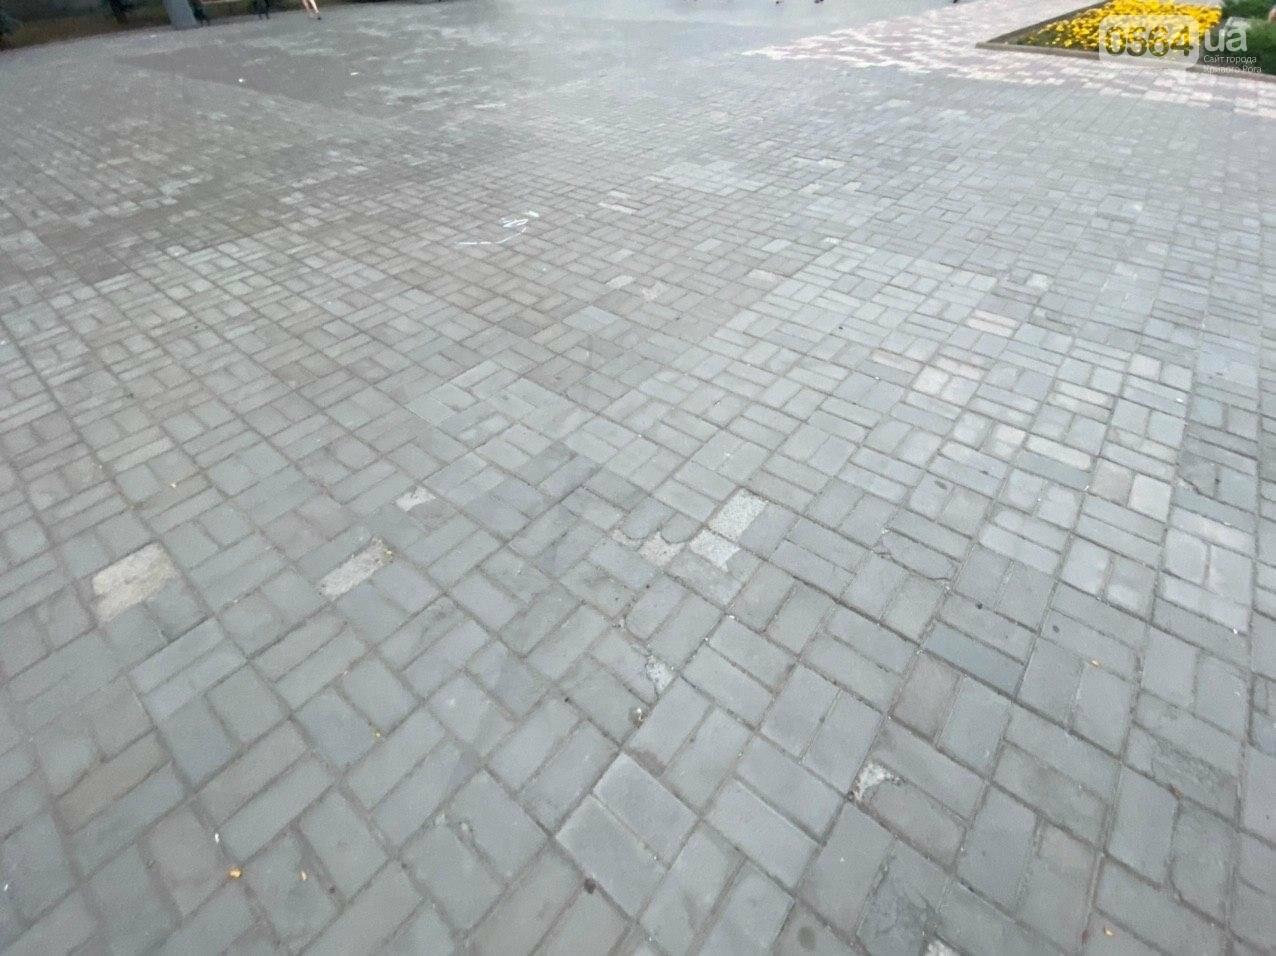 Второй раз по гарантийному договору будут менять плитку под райисполкомом в Кривом Роге, - ФОТО , фото-30